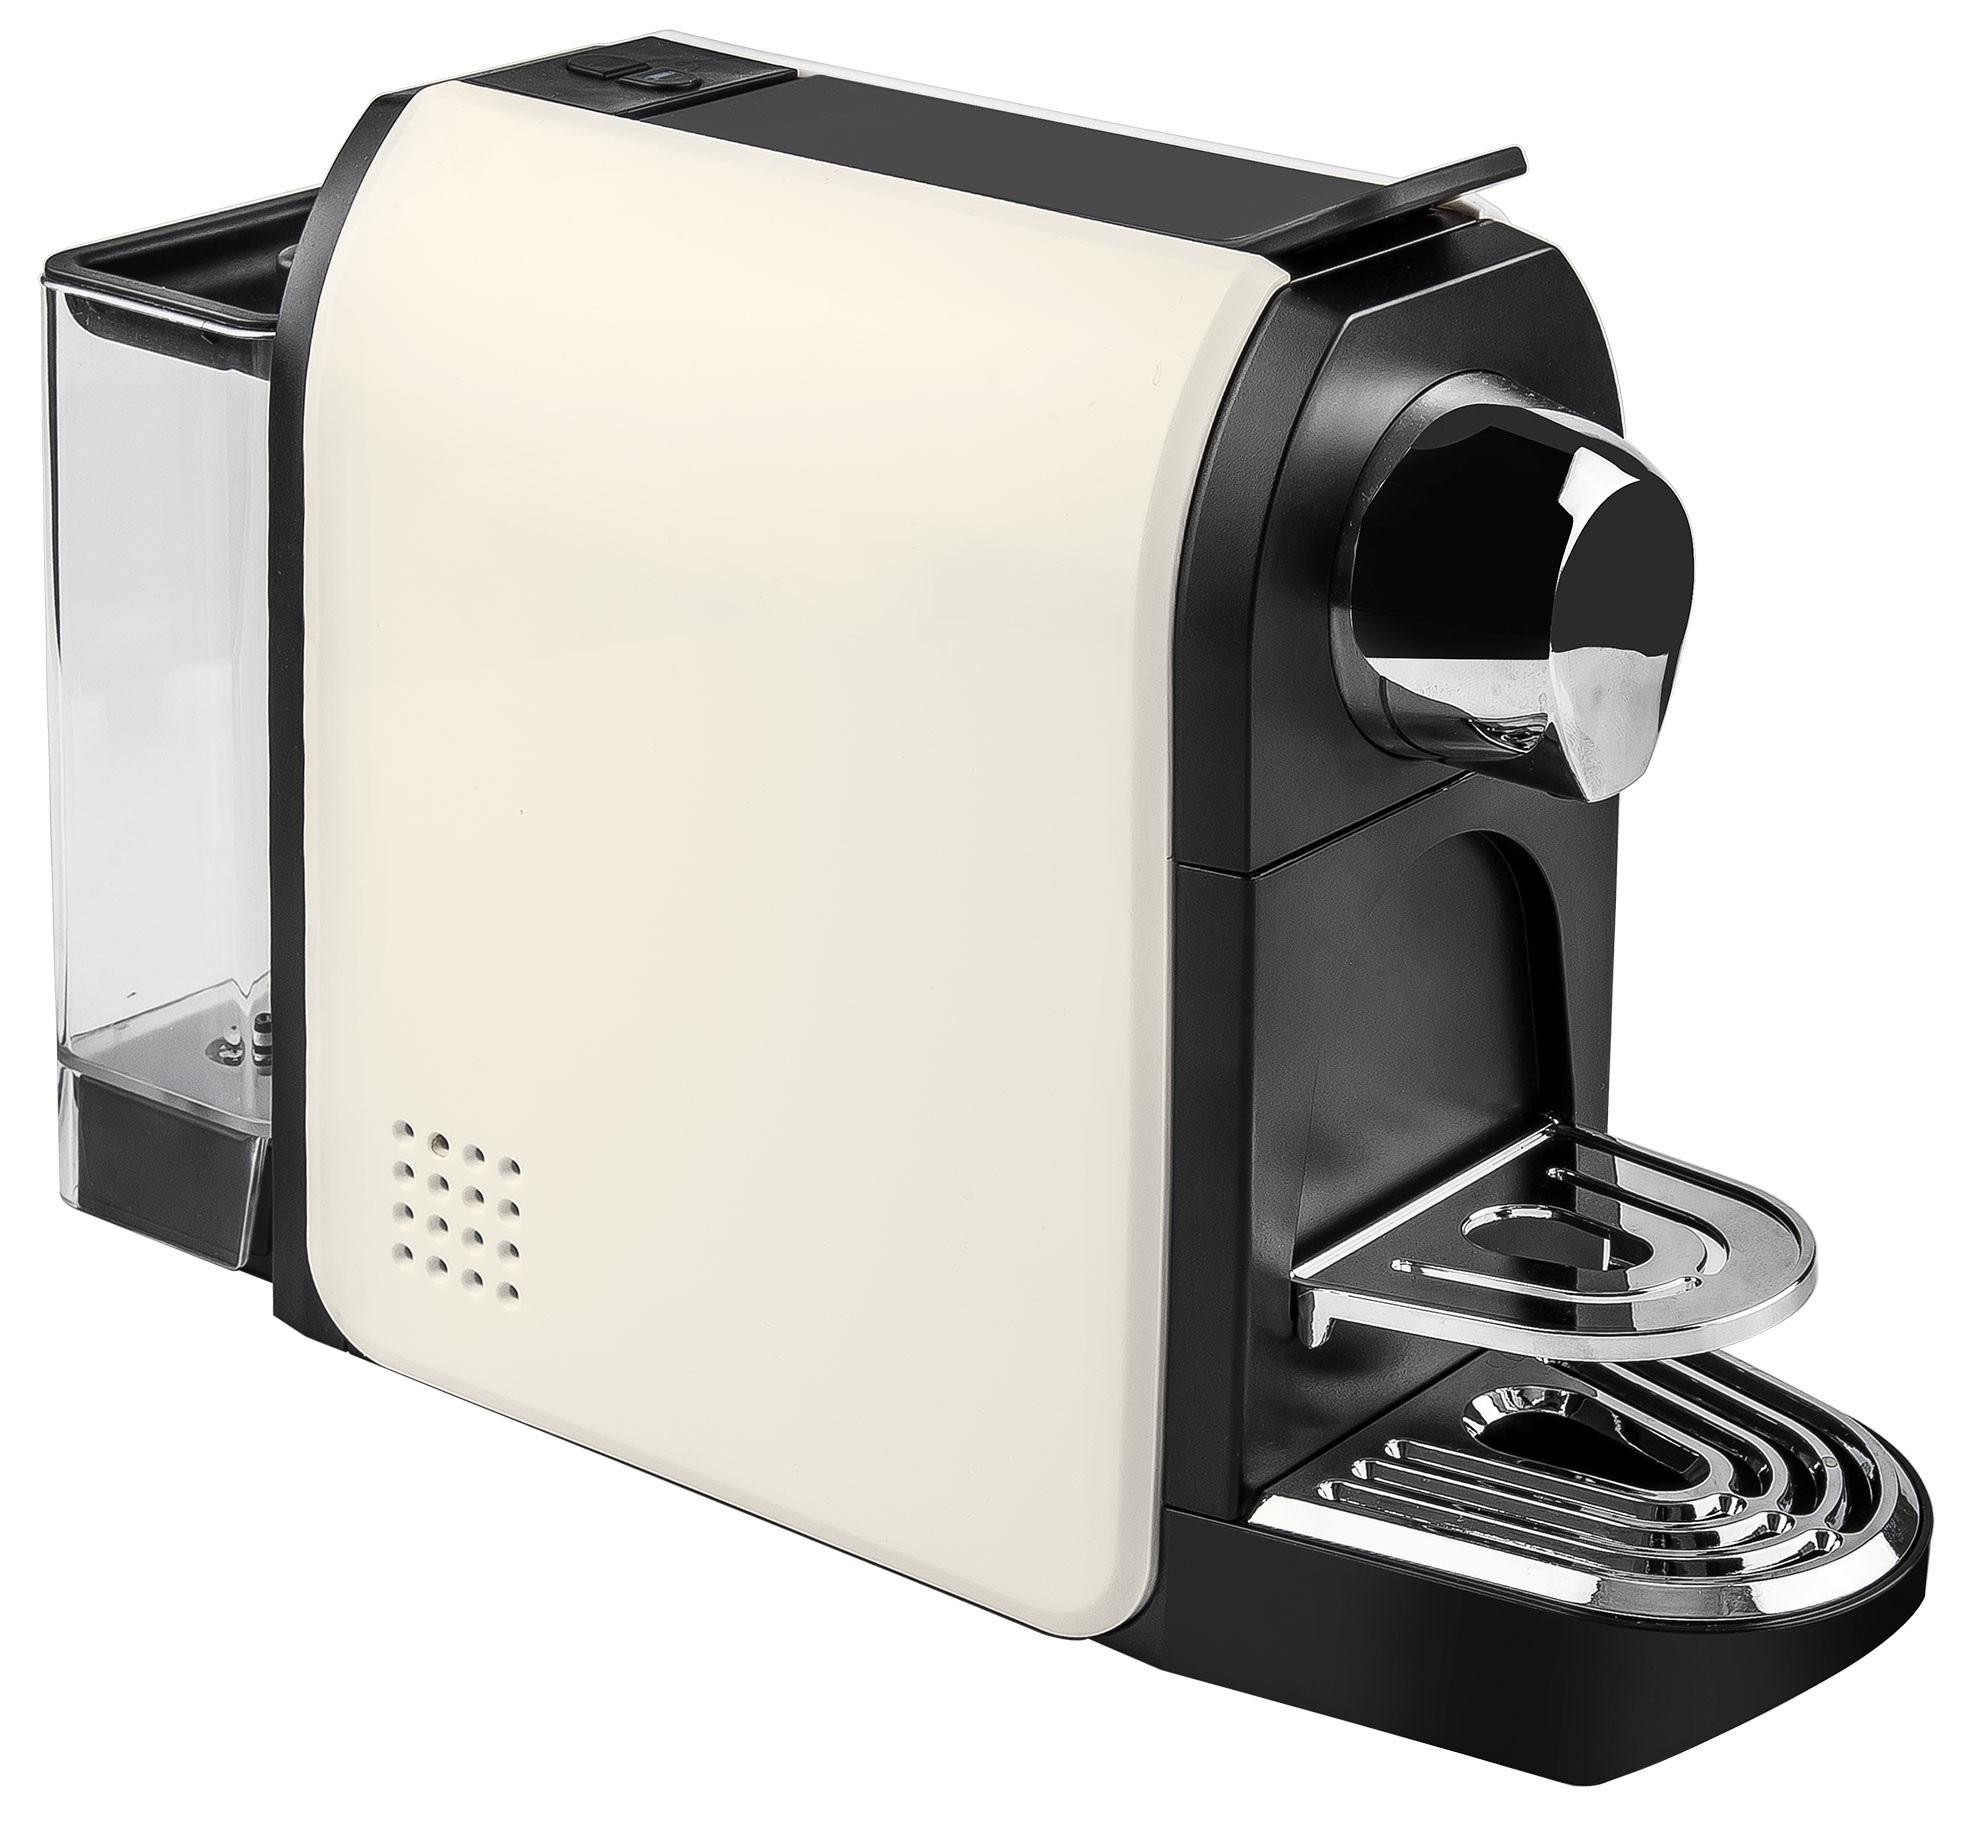 Máquina de Café Cápsulas NESPRESSO 1400W 20Bar - KUKEN